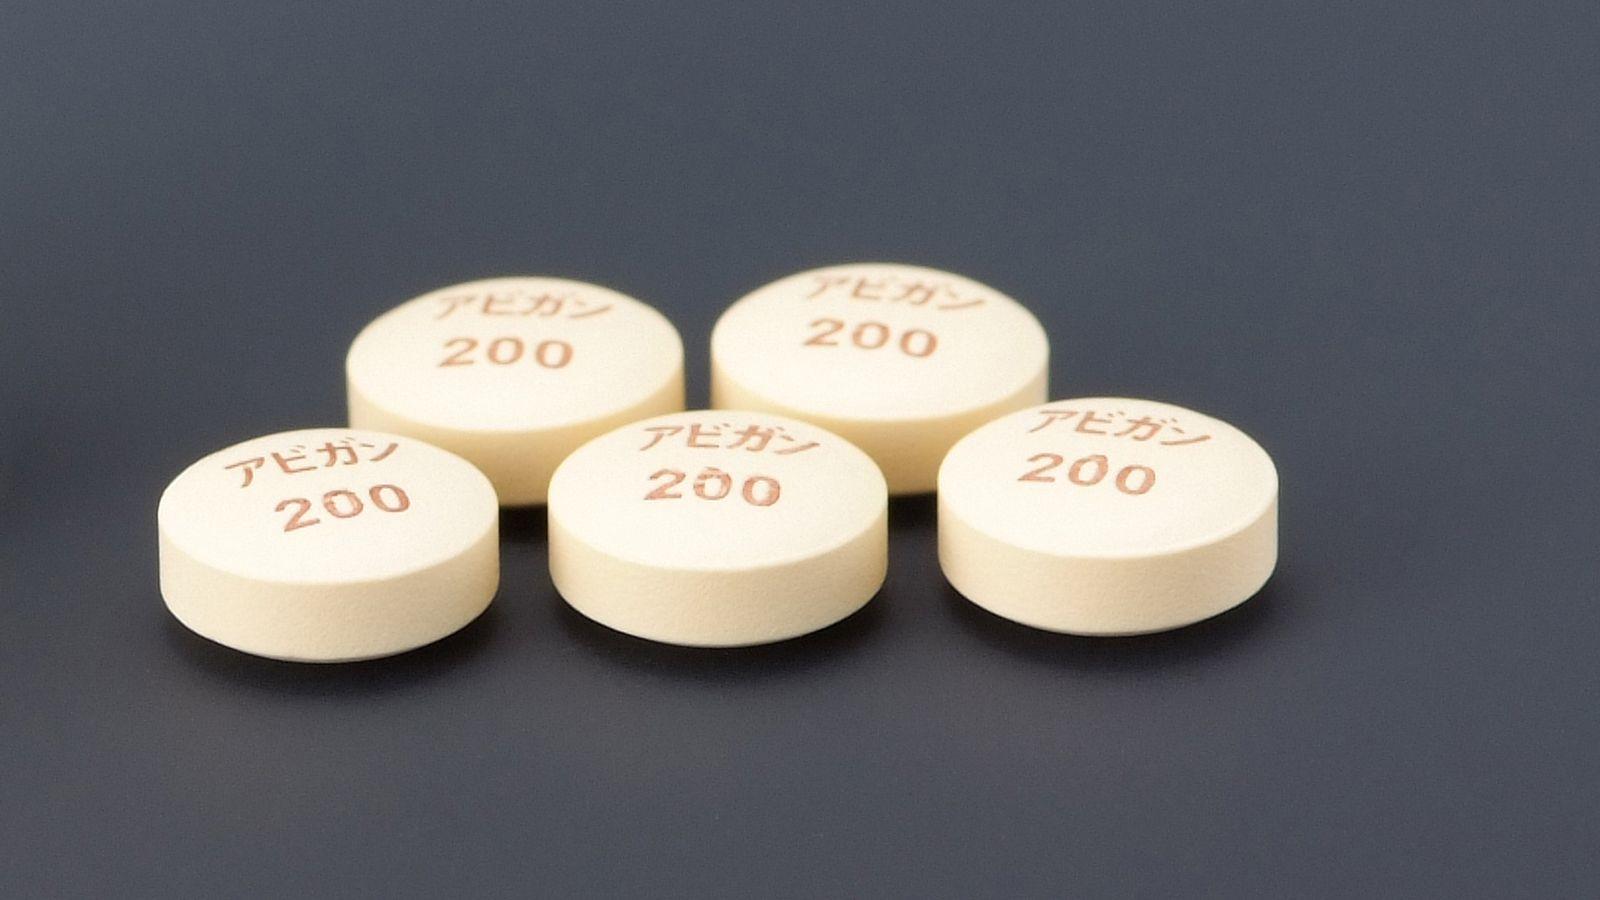 精子 アビガン 緊急寄稿(2)新型コロナウイルス感染症(COVID